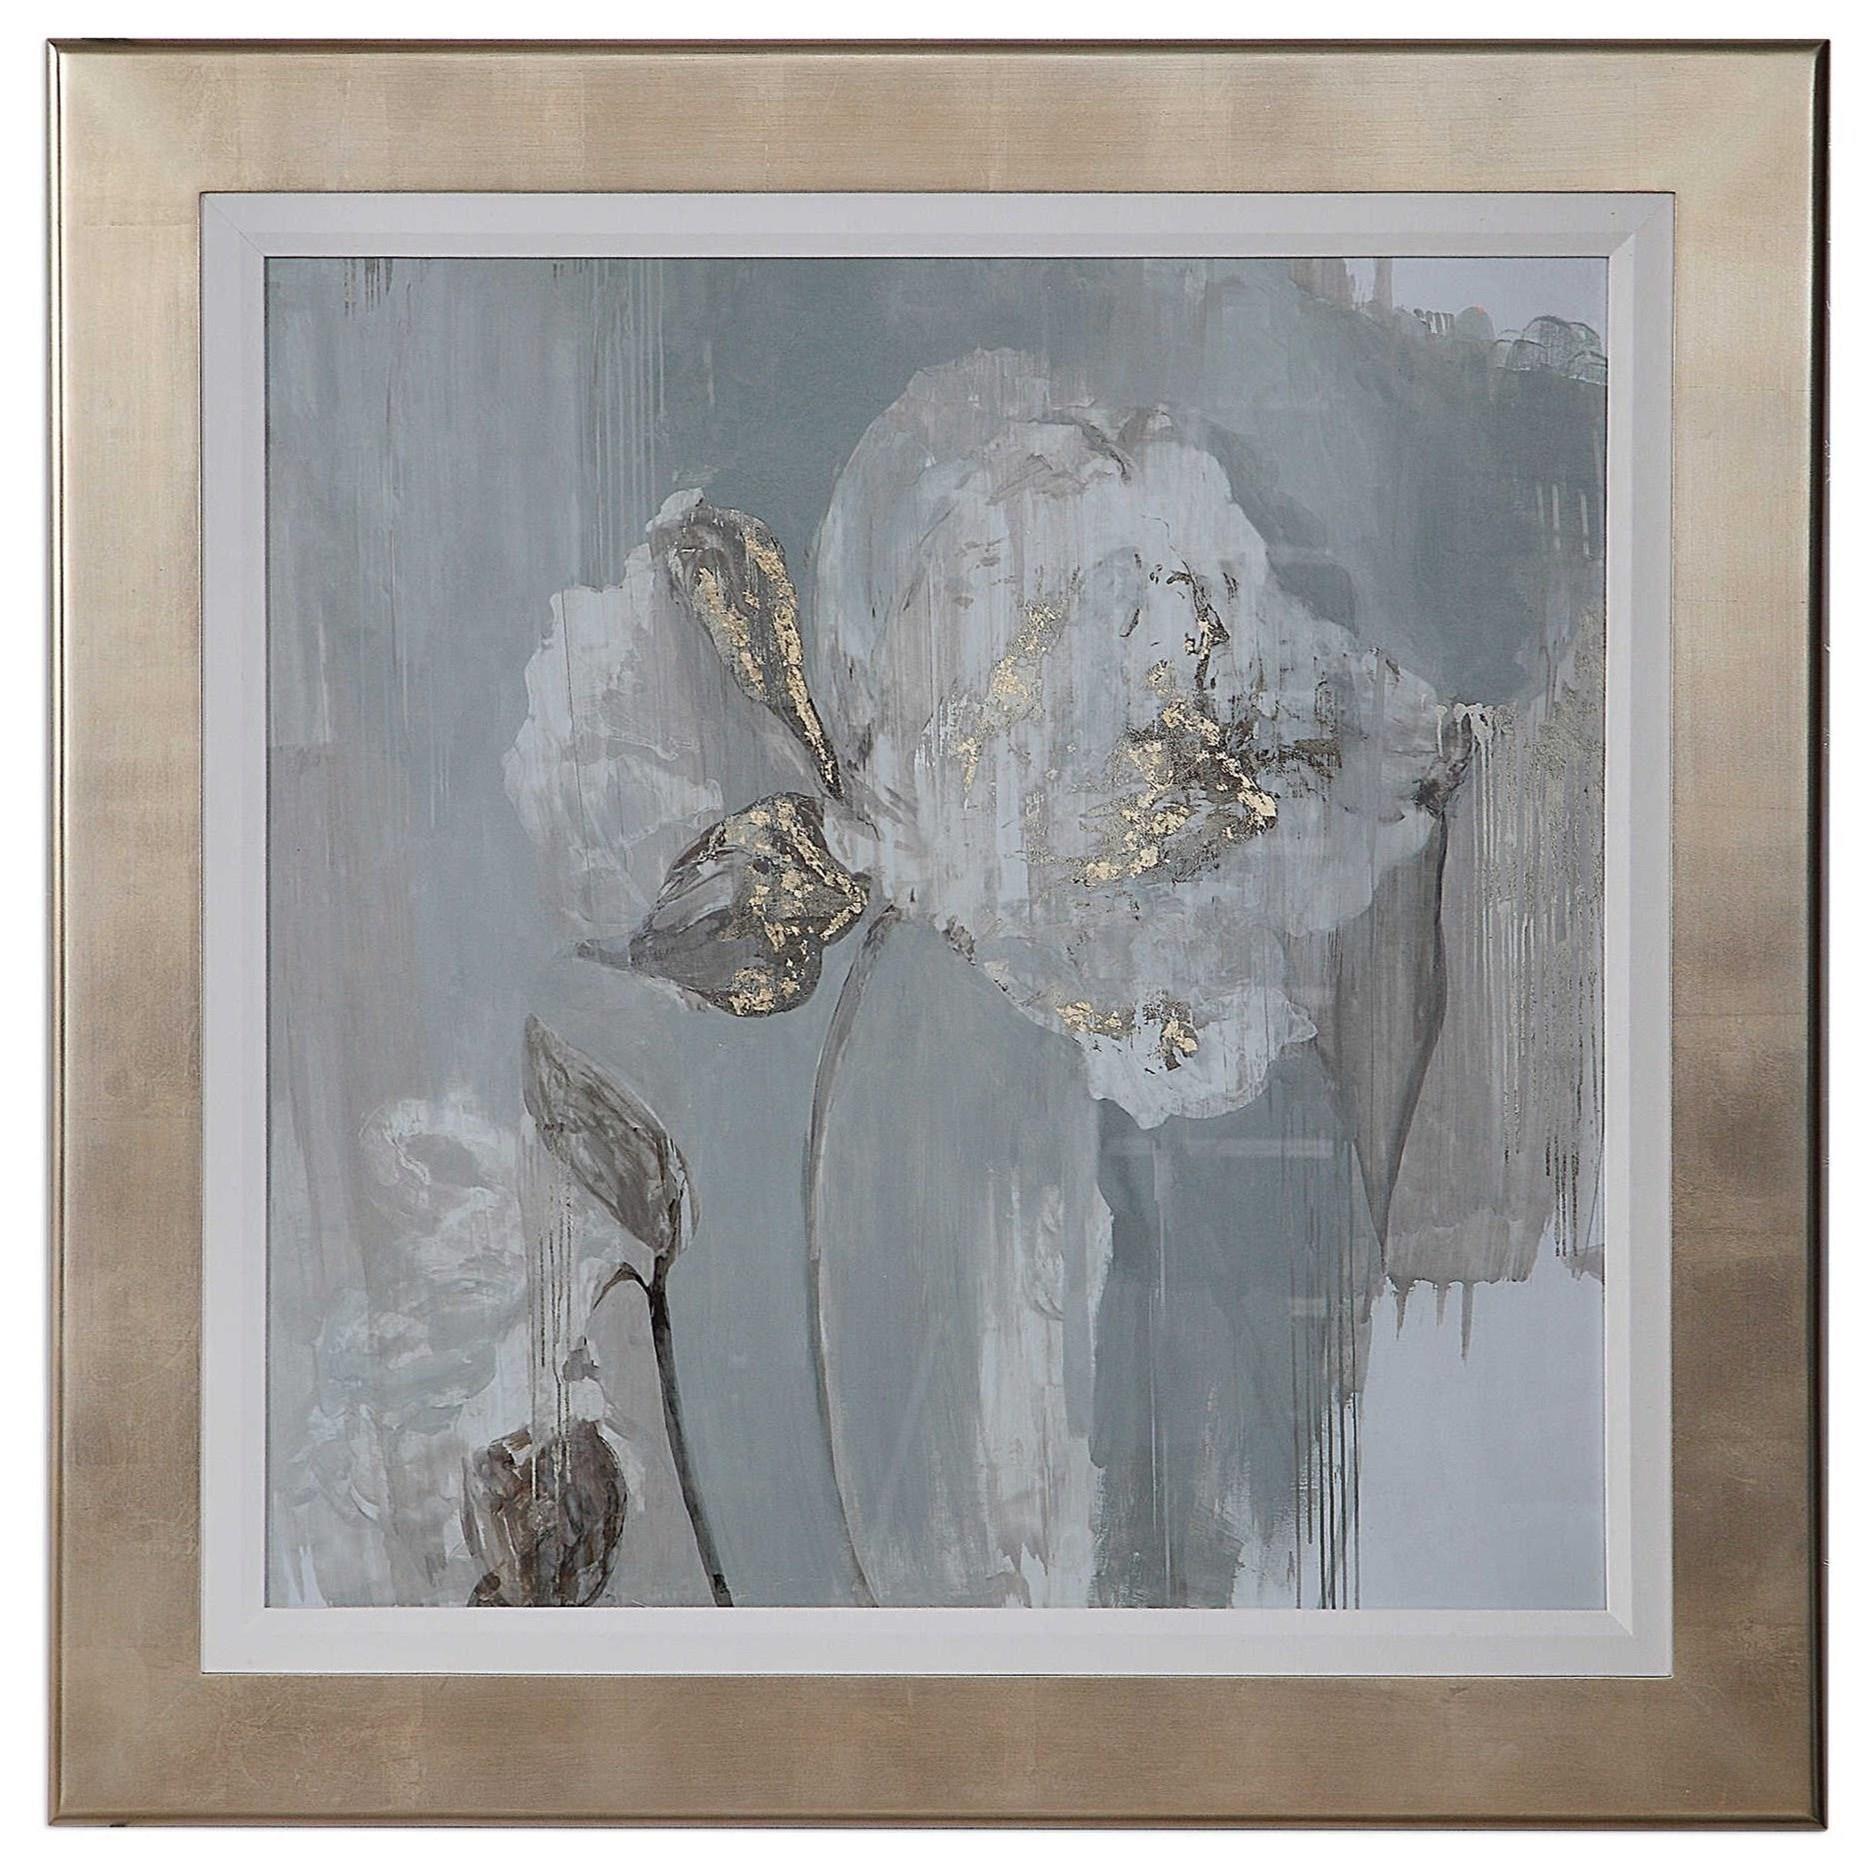 Framed Prints Golden Tulip Framed Print by Uttermost at Miller Waldrop Furniture and Decor